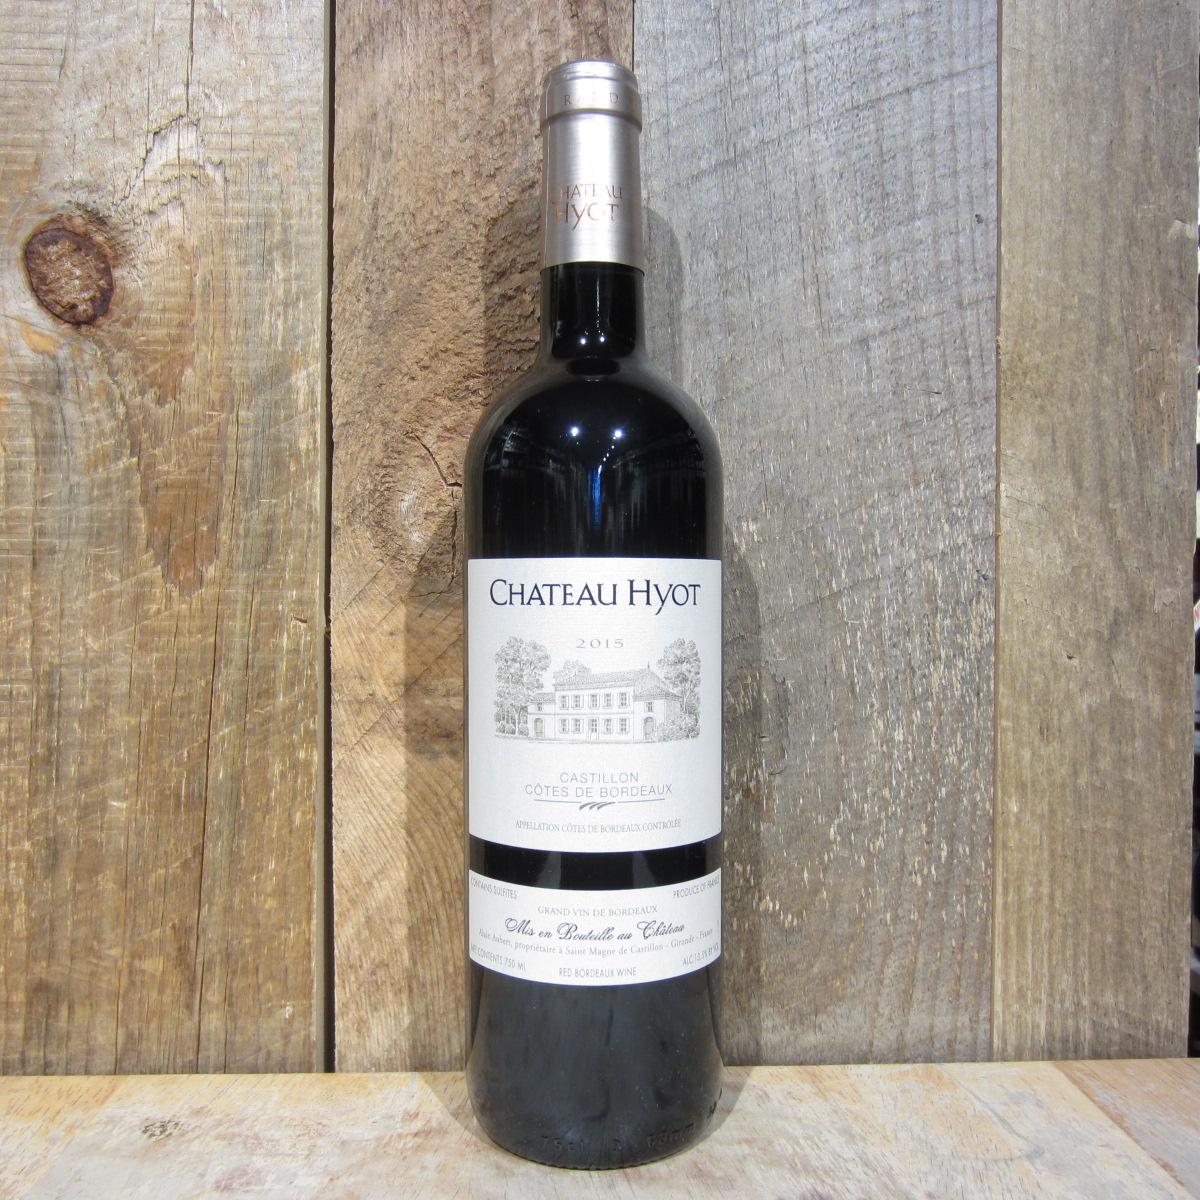 Chateau Hyot Cotes de Castillon Bordeaux 2018 750ml